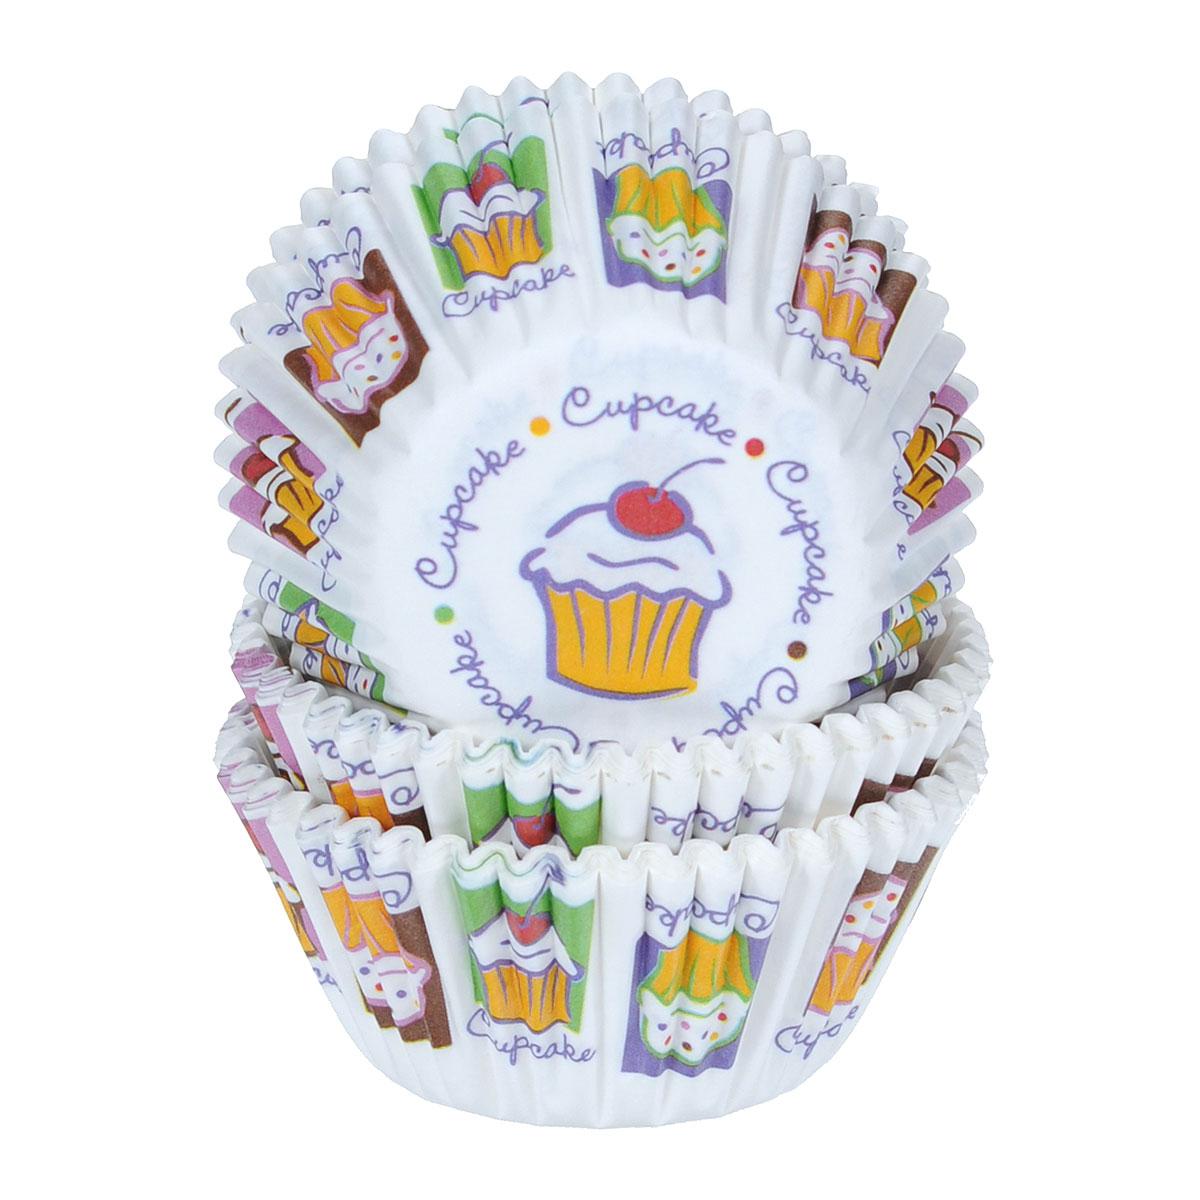 Набор бумажных форм для кексов Wilton Кекс, диаметр 7 см, 75 шт54 009312Бумажные формы Wilton Кекс используются для выпечки, украшения и упаковки кондитерских изделий, сервировки конфет, орешков, десертов. Края форм гофрированные. С такими формами вы всегда сможете порадовать своих близких оригинальной выпечкой.